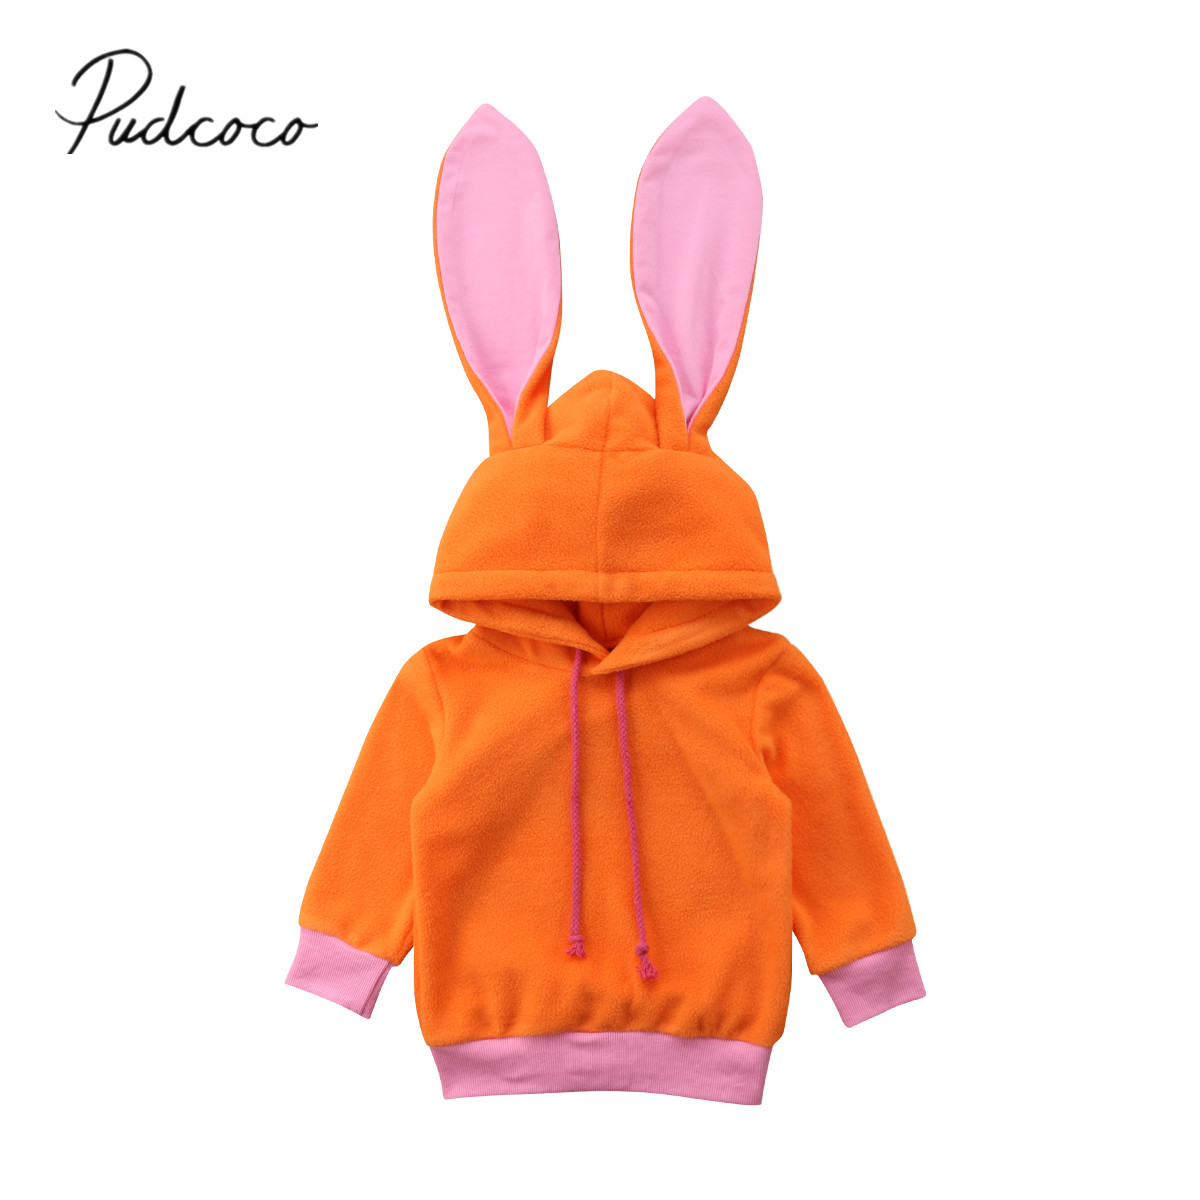 2018 Marke Neue 0-24 Mt Neugeborenen Kleinkind Baby Mädchen Herbst Warme Hoodies Tops 3d Bunny Ohren Pullover Solide Orange Mäntel Outfit Kleidung